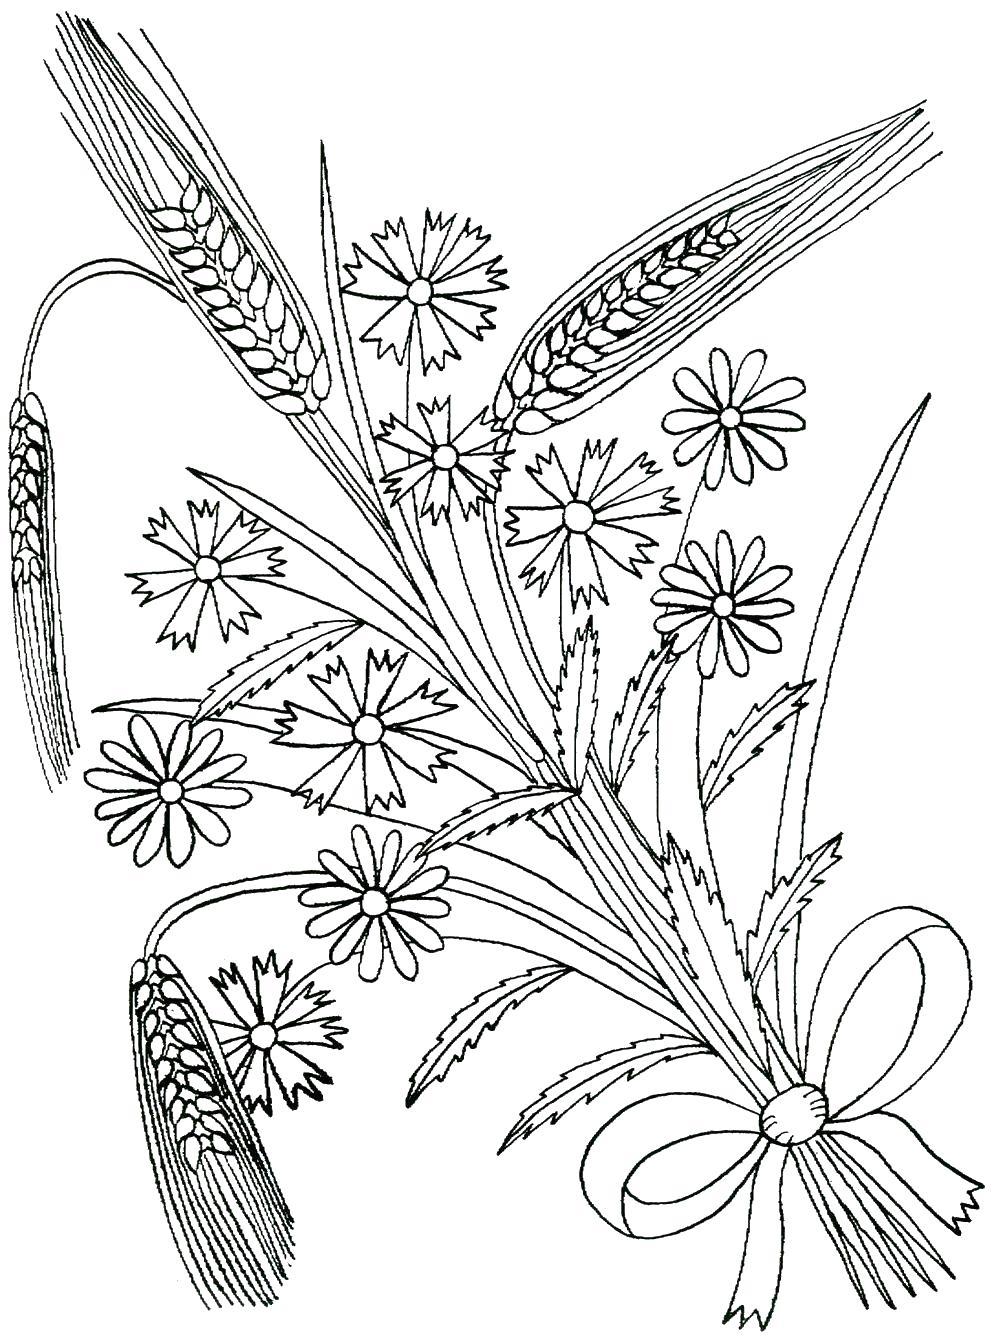 Летние цветы с колосками пшеницы Раскраски бесплатно онлайн с цветами